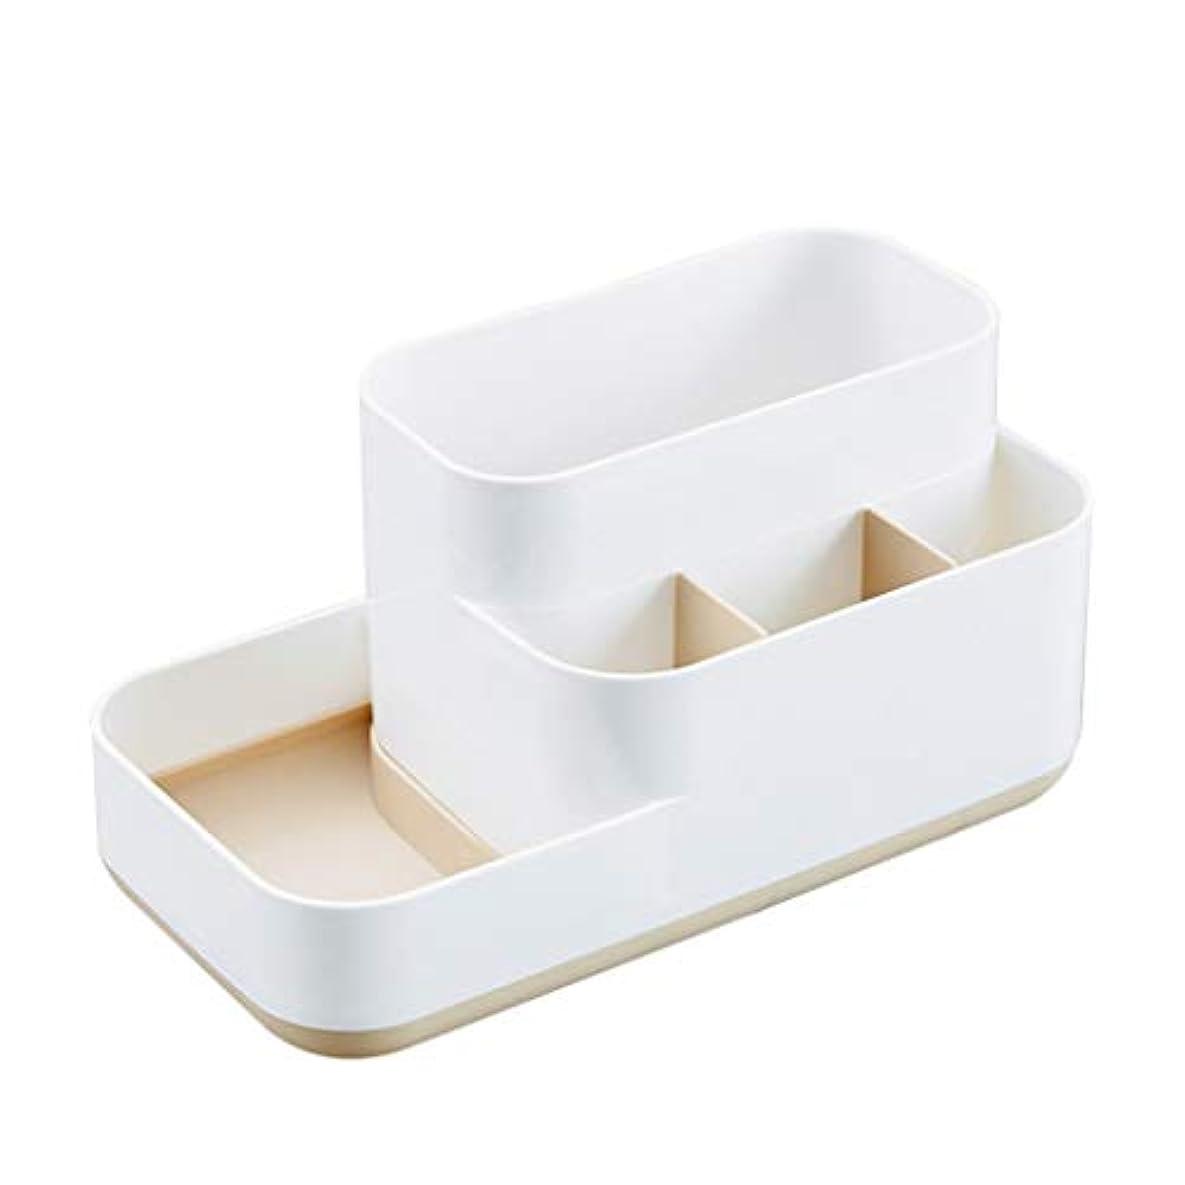 すずめマントわざわざデスクトップマルチメディア化粧品収納ボックス多機能プラスチックボックスリビングルームのコーヒーテーブル仕上げボックス (Color : Apricot)